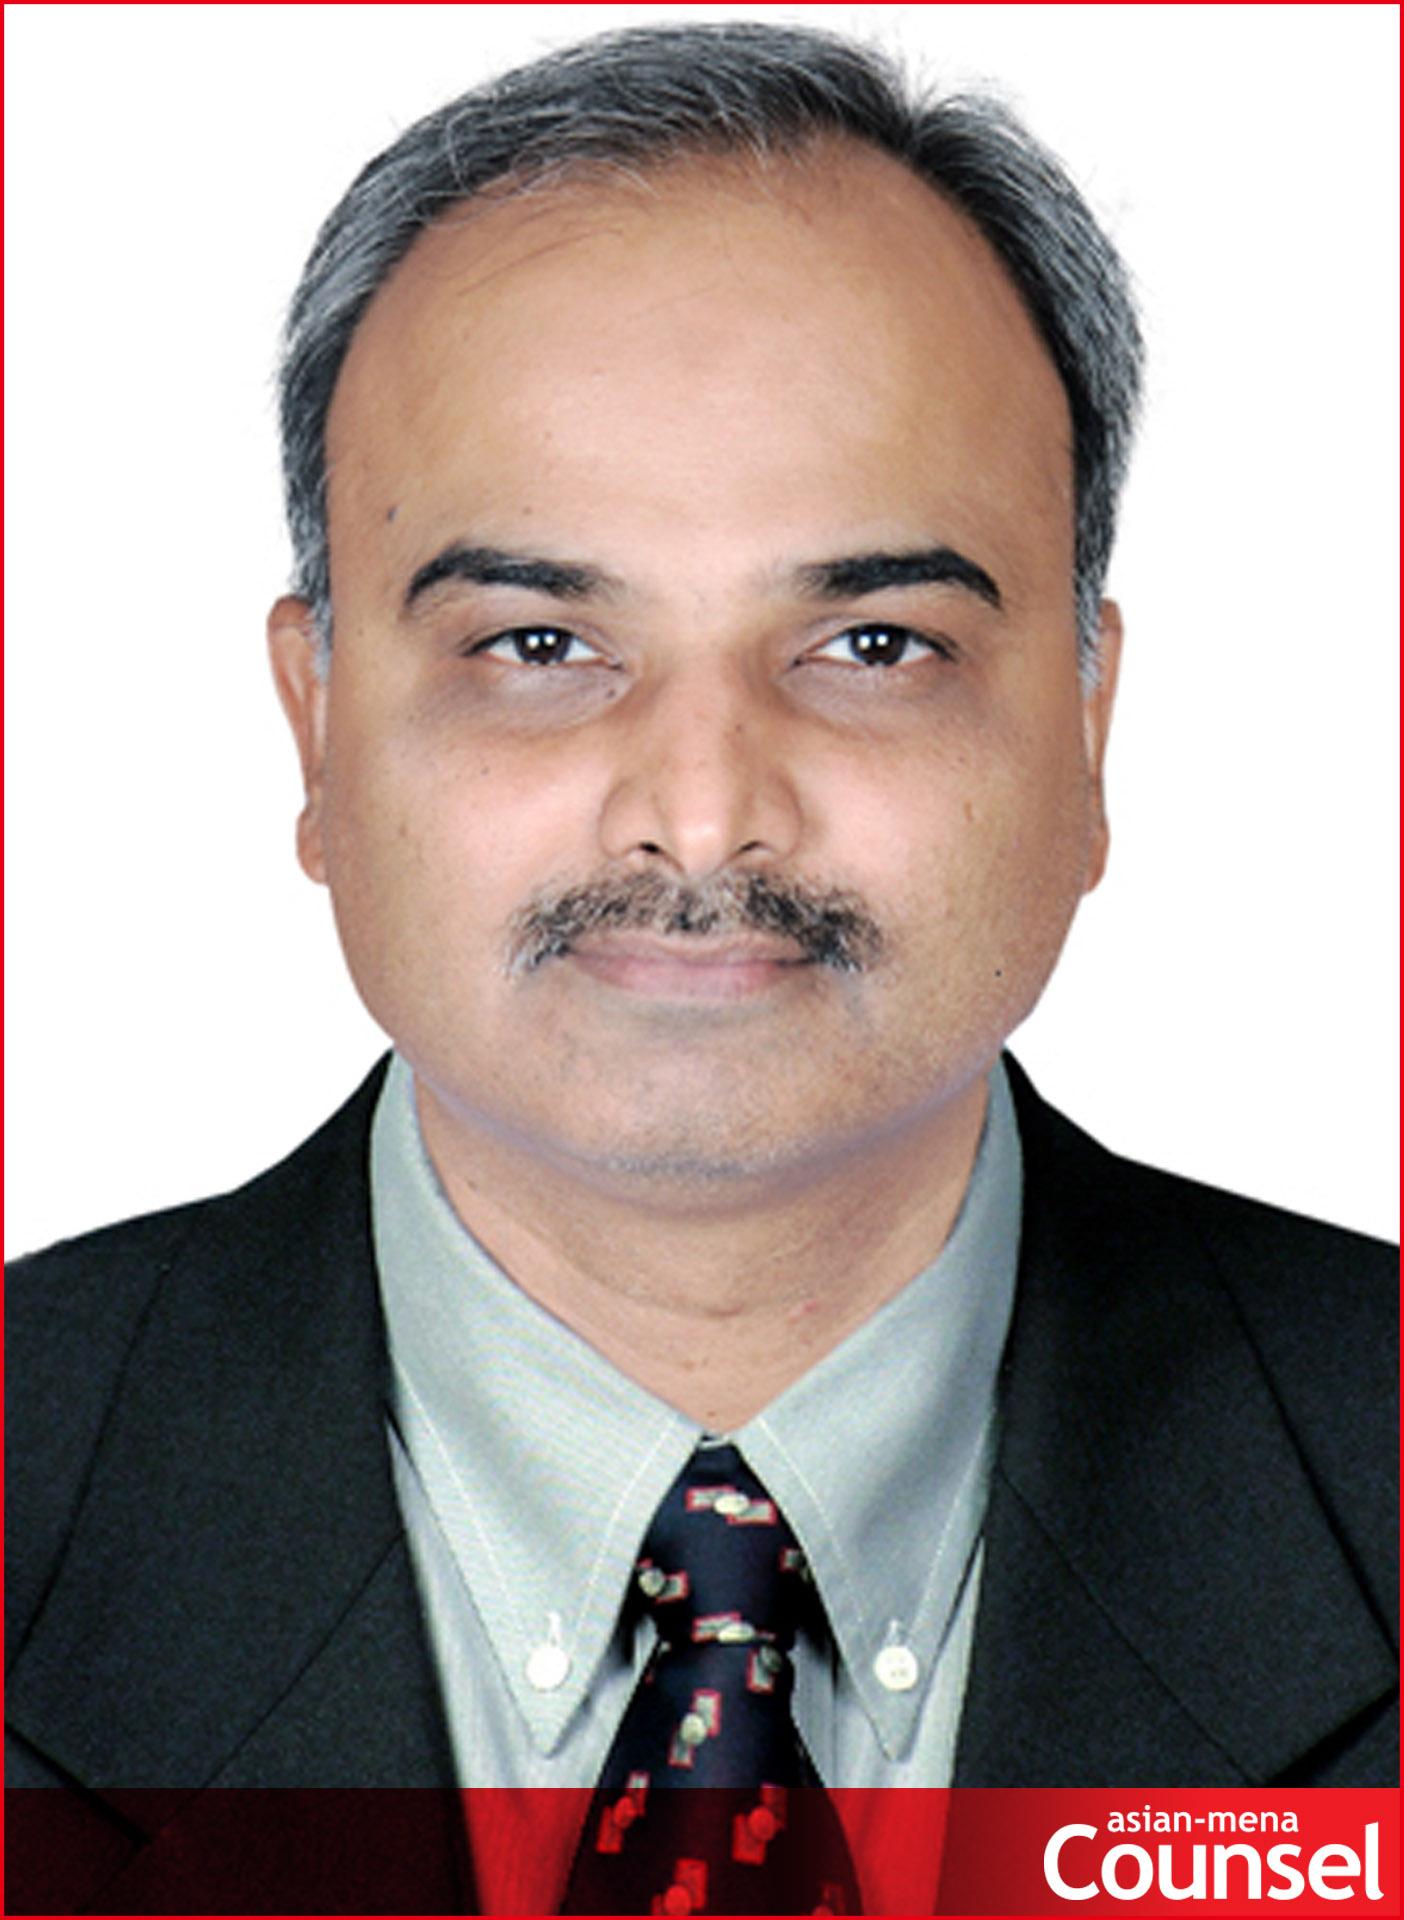 Manish Asarkar